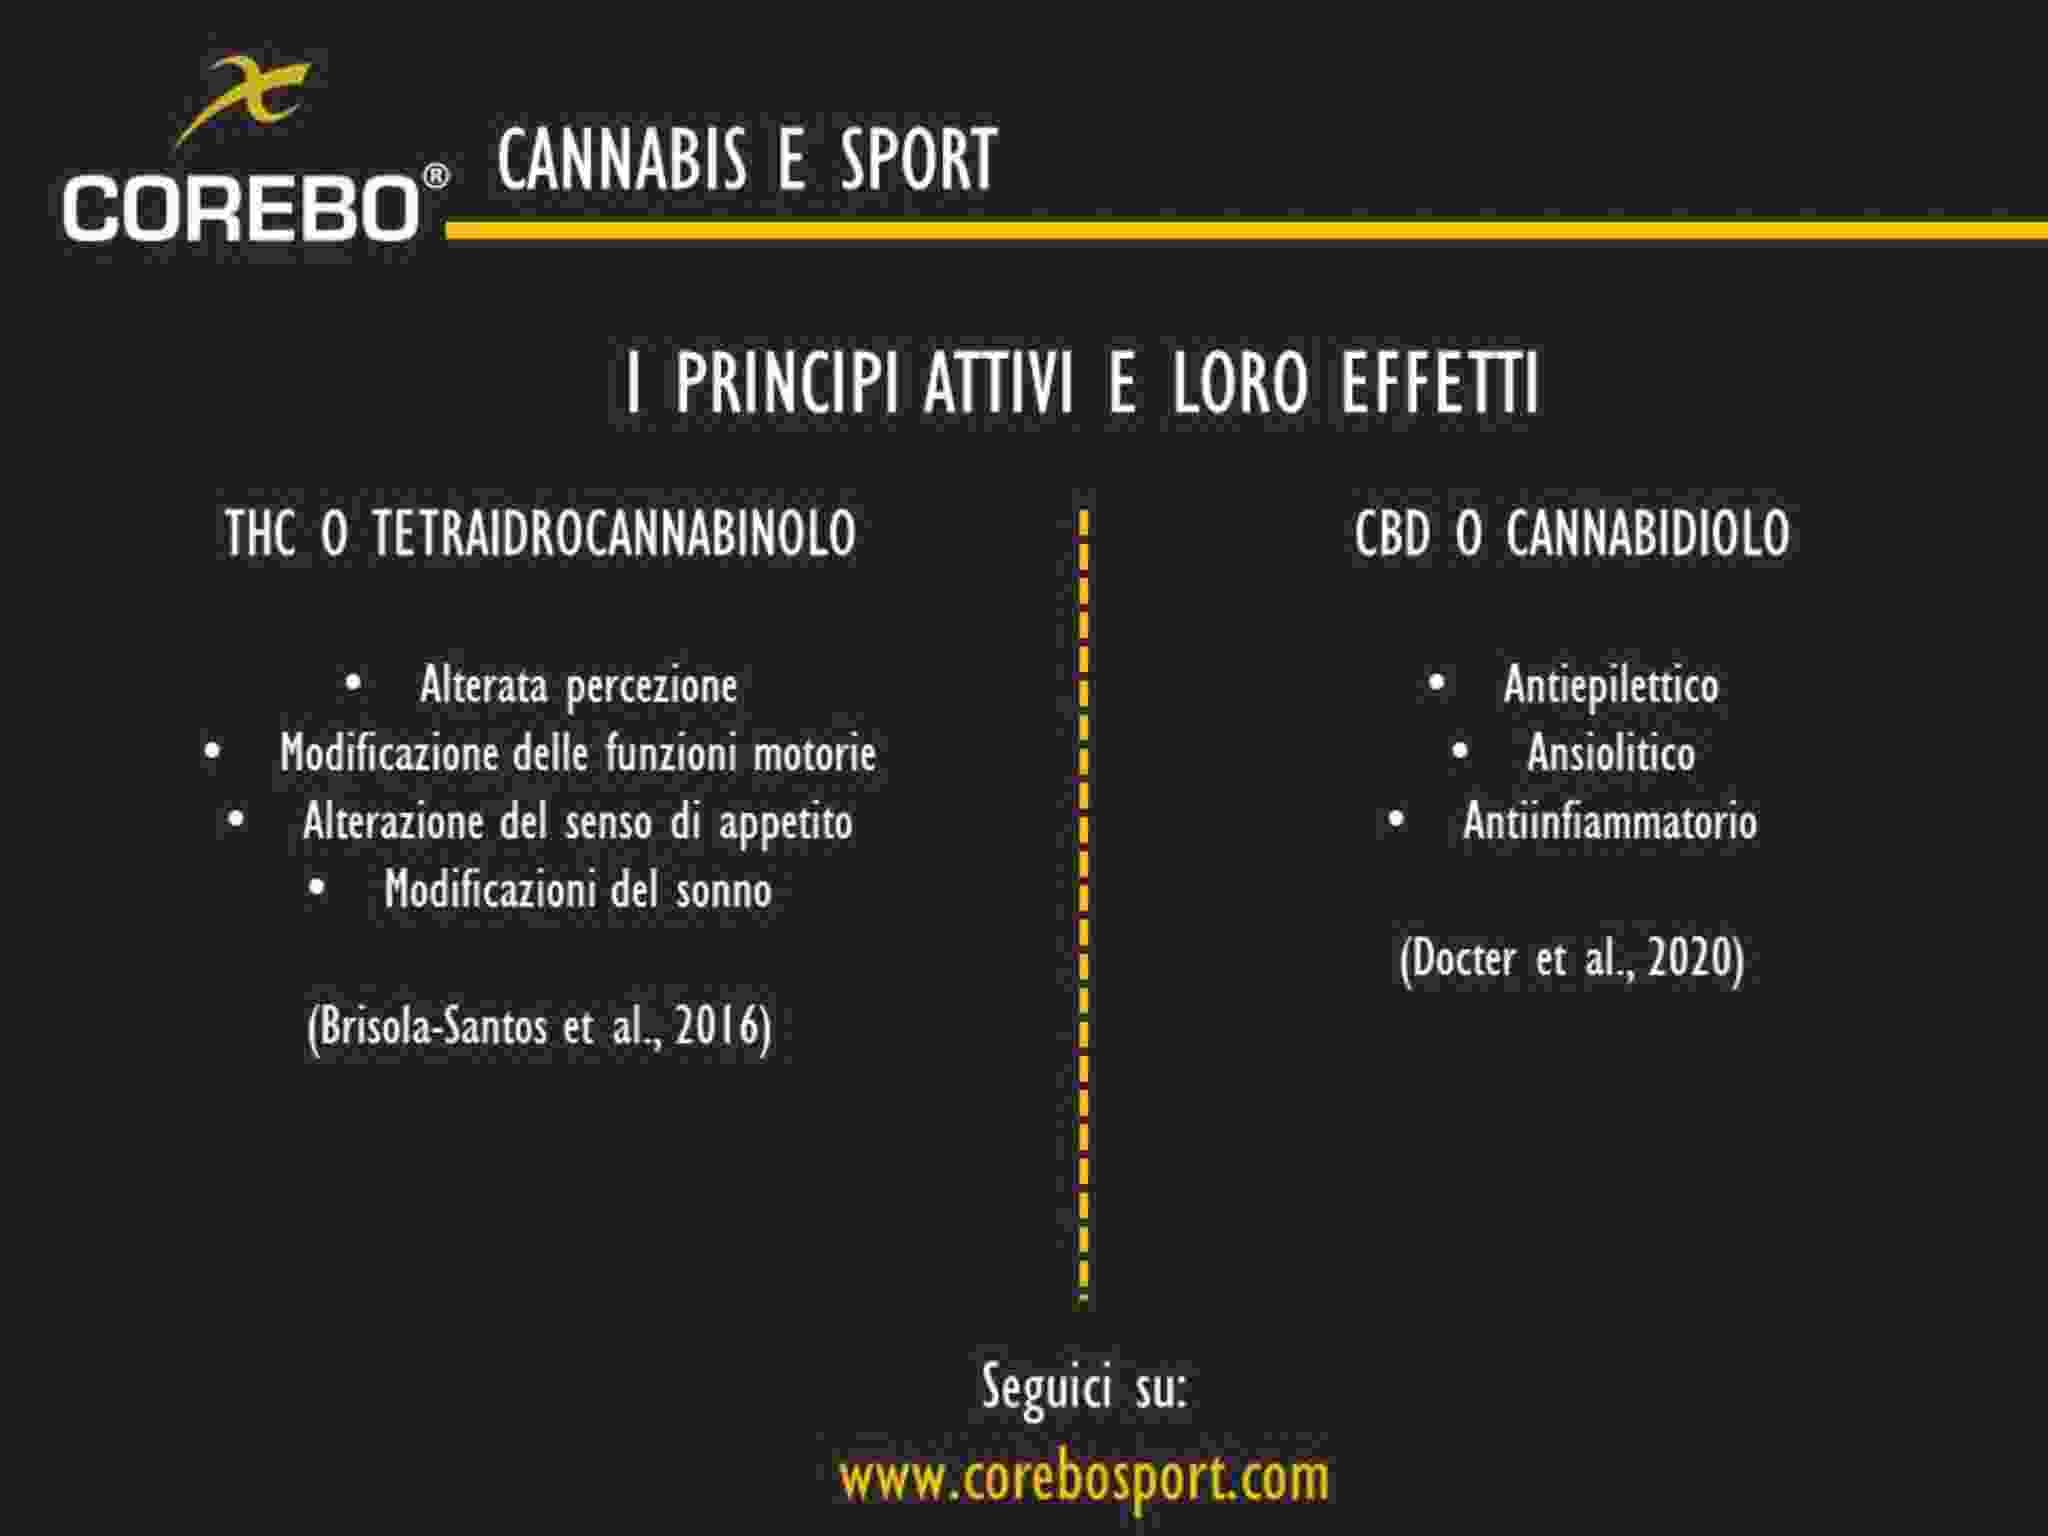 effetti della cannabis sulla performance atletica